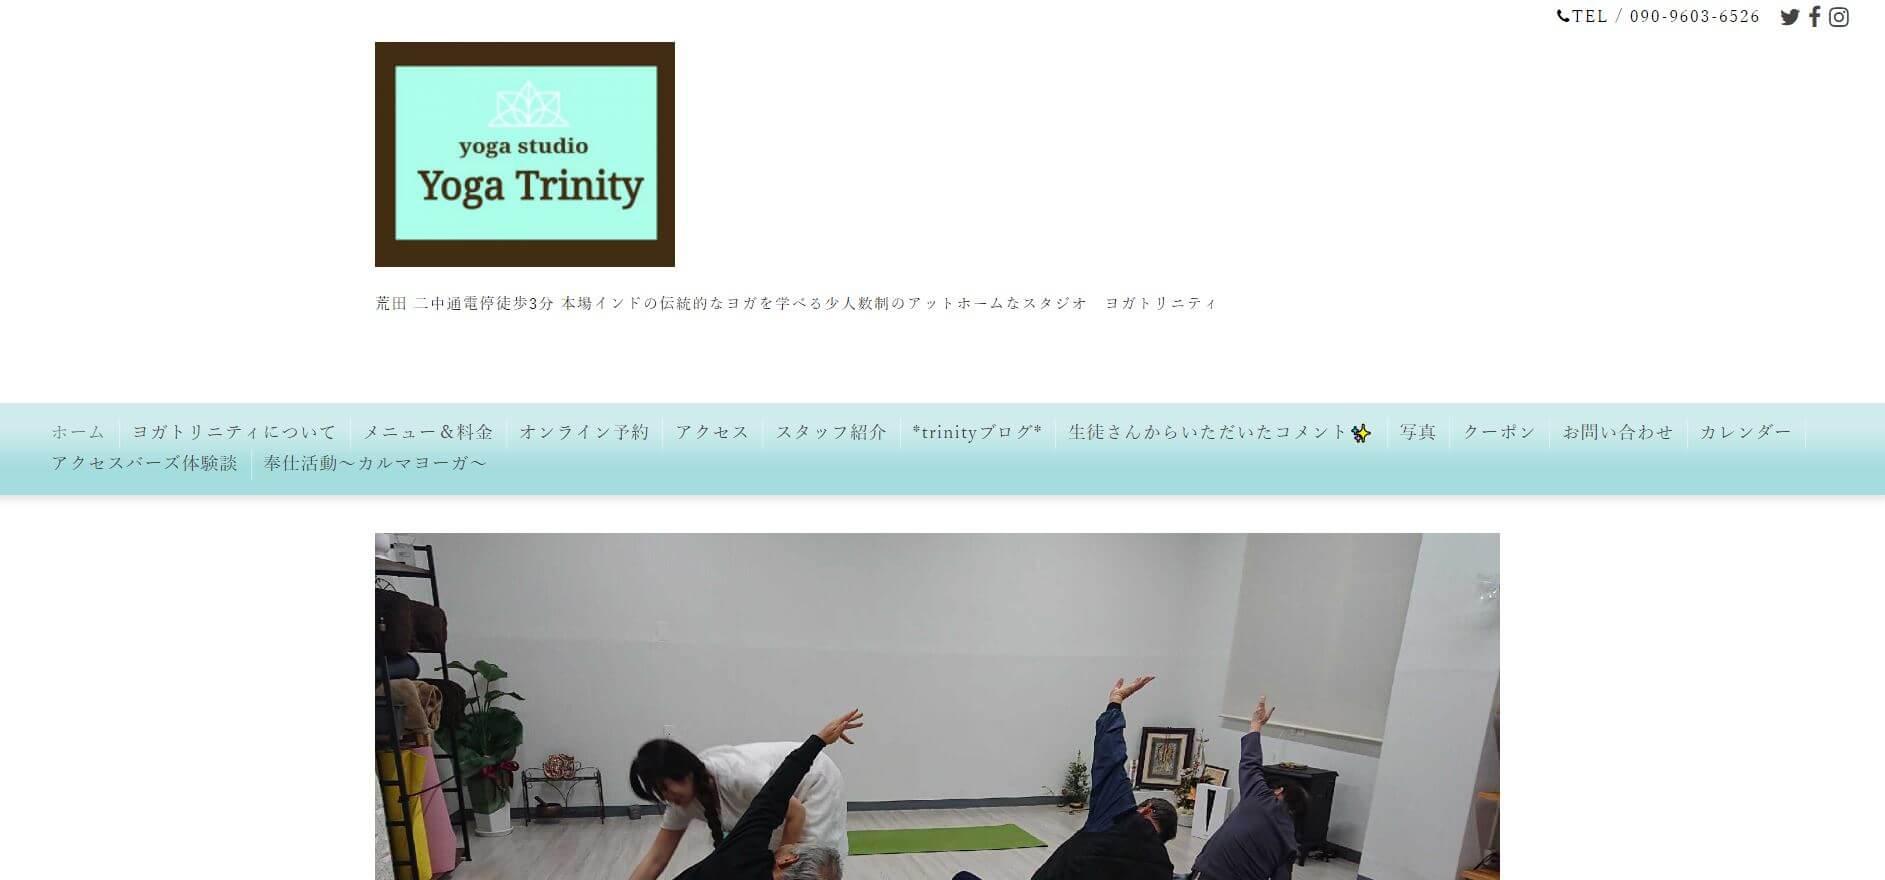 Yoga Trinity ヨガスタジオ トリニティ